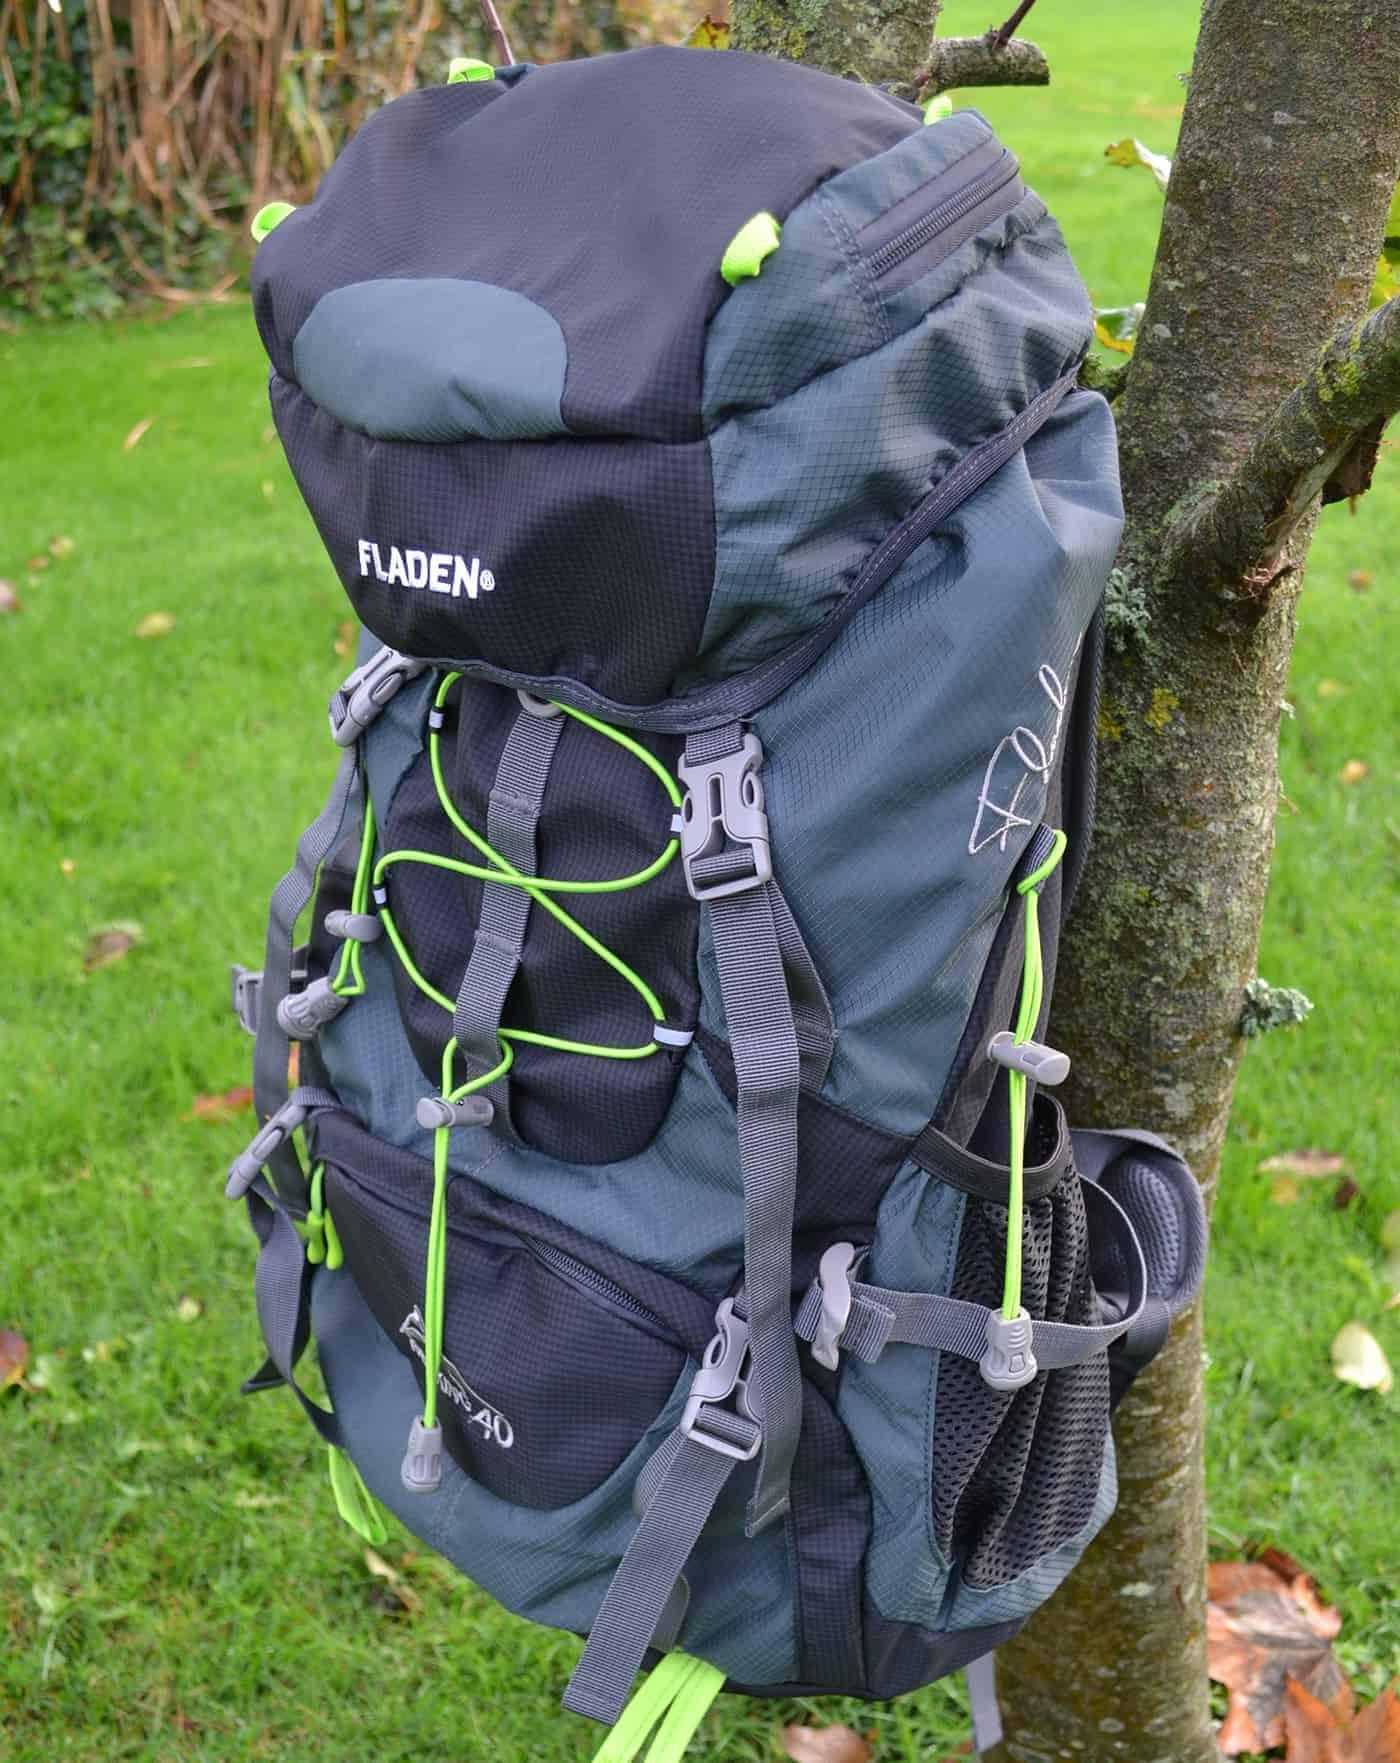 c32e1923154 Rygsæk 40 l. - Junior Grej outdoor udstyr og tøj til børn og unge